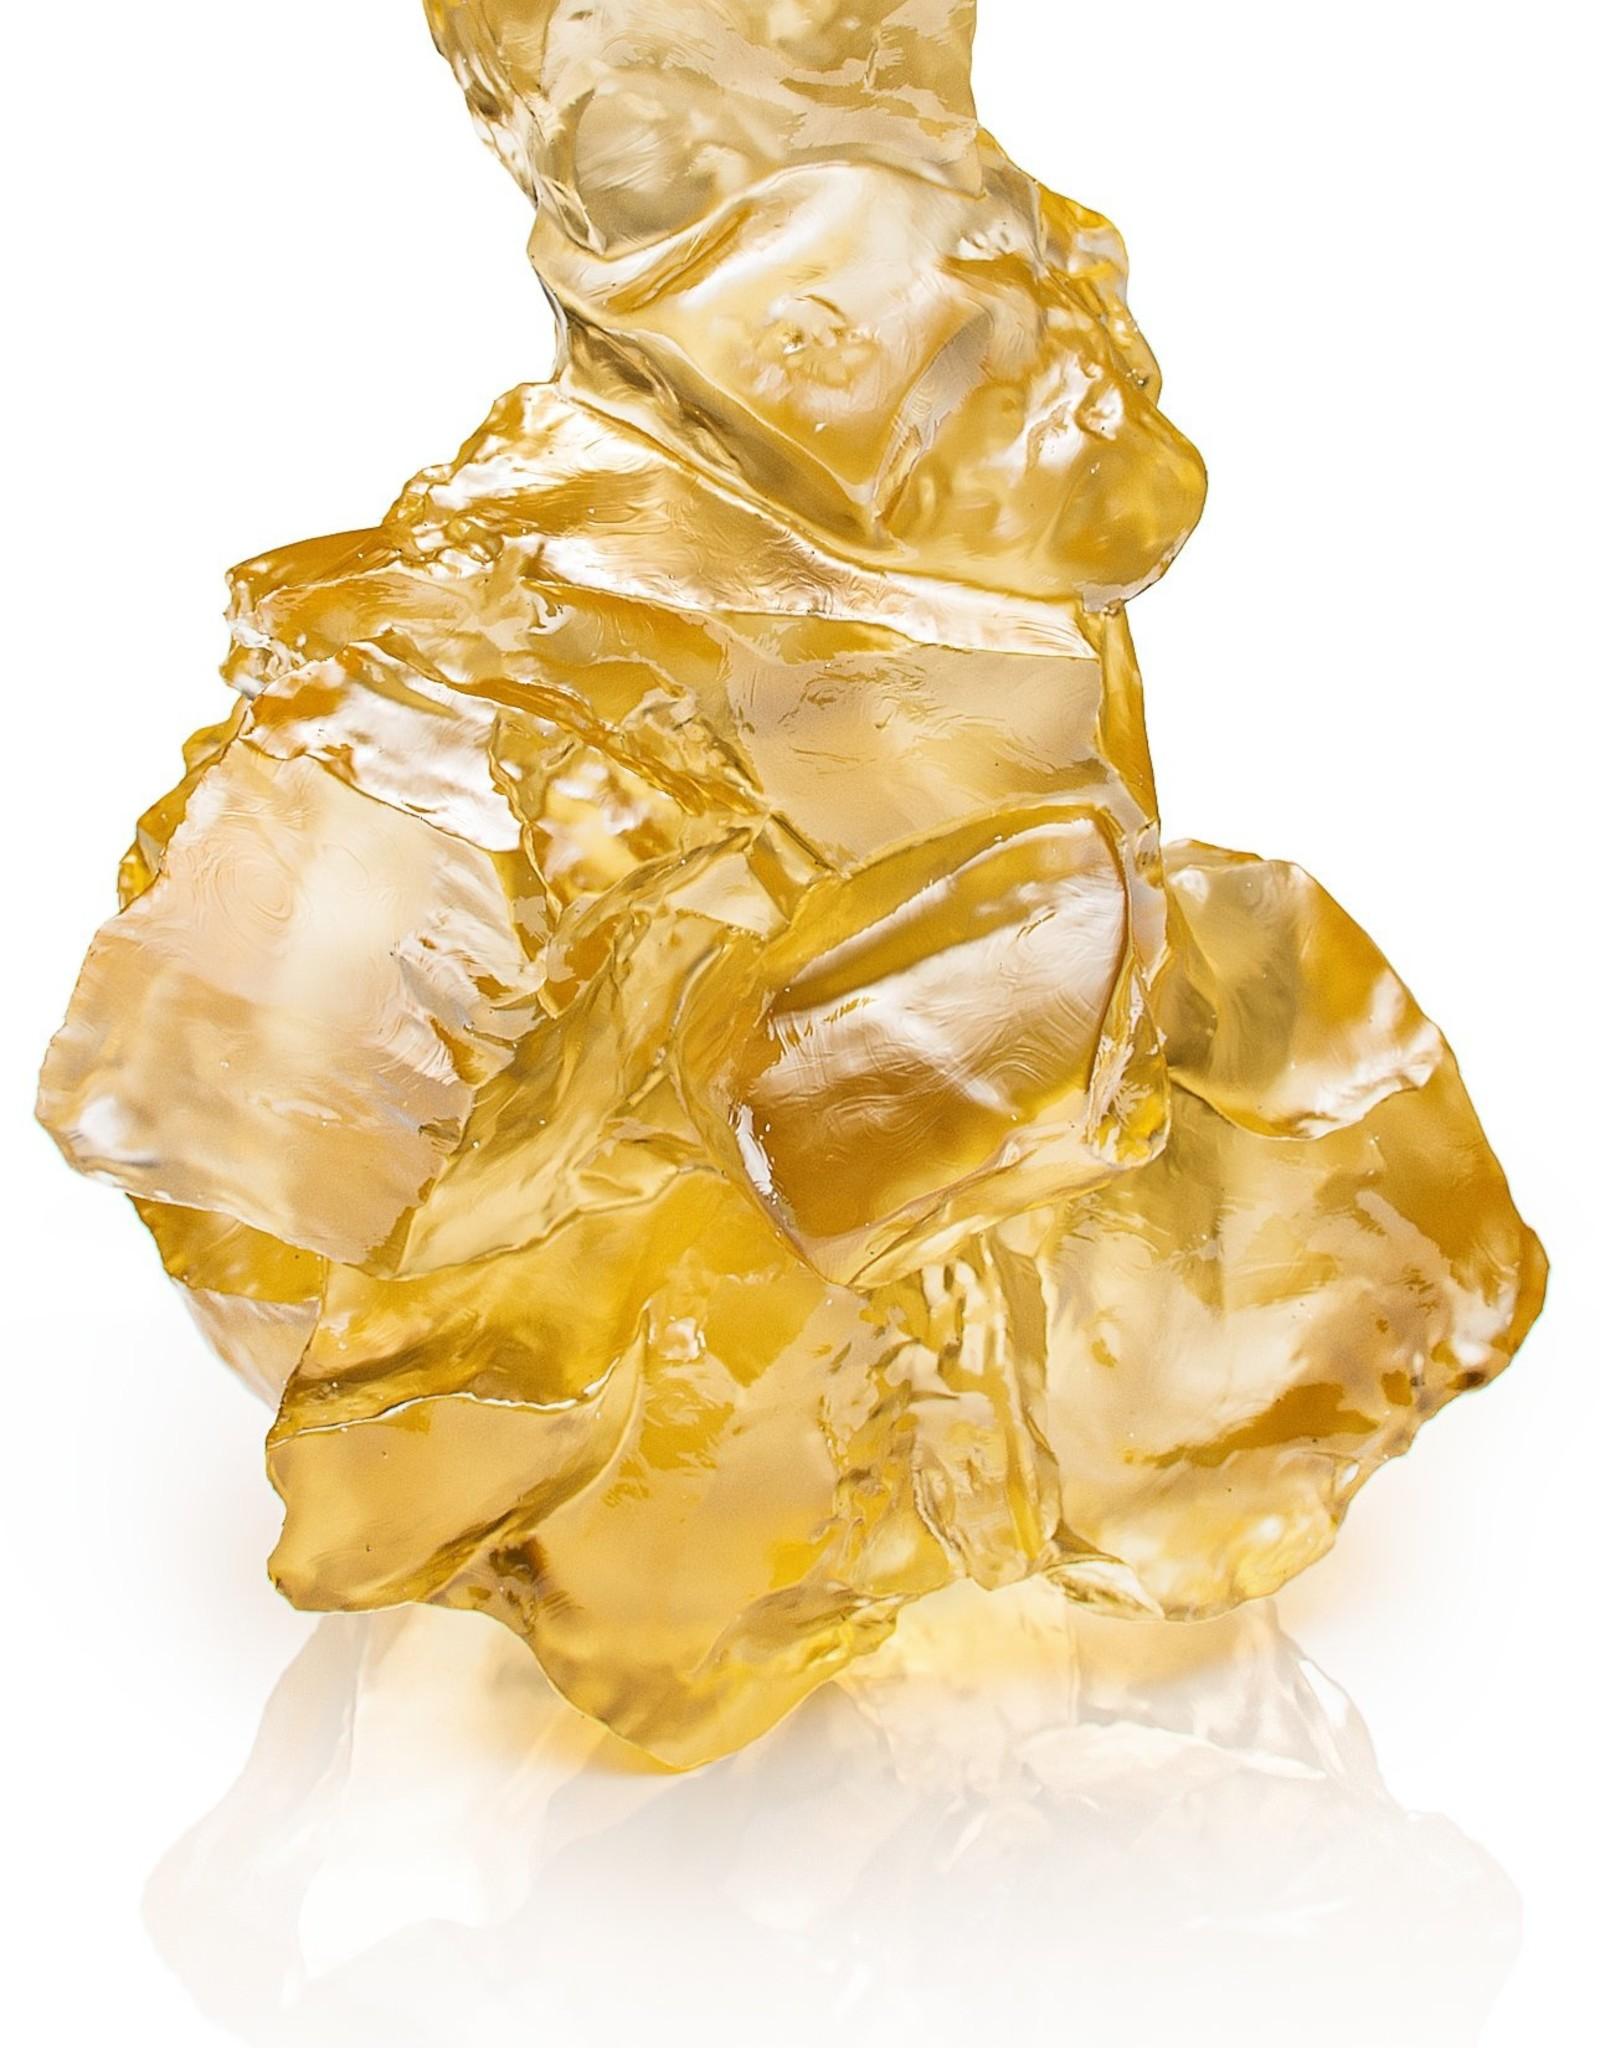 Kolab Kolab - 232 Series THCA Diamonds 1G